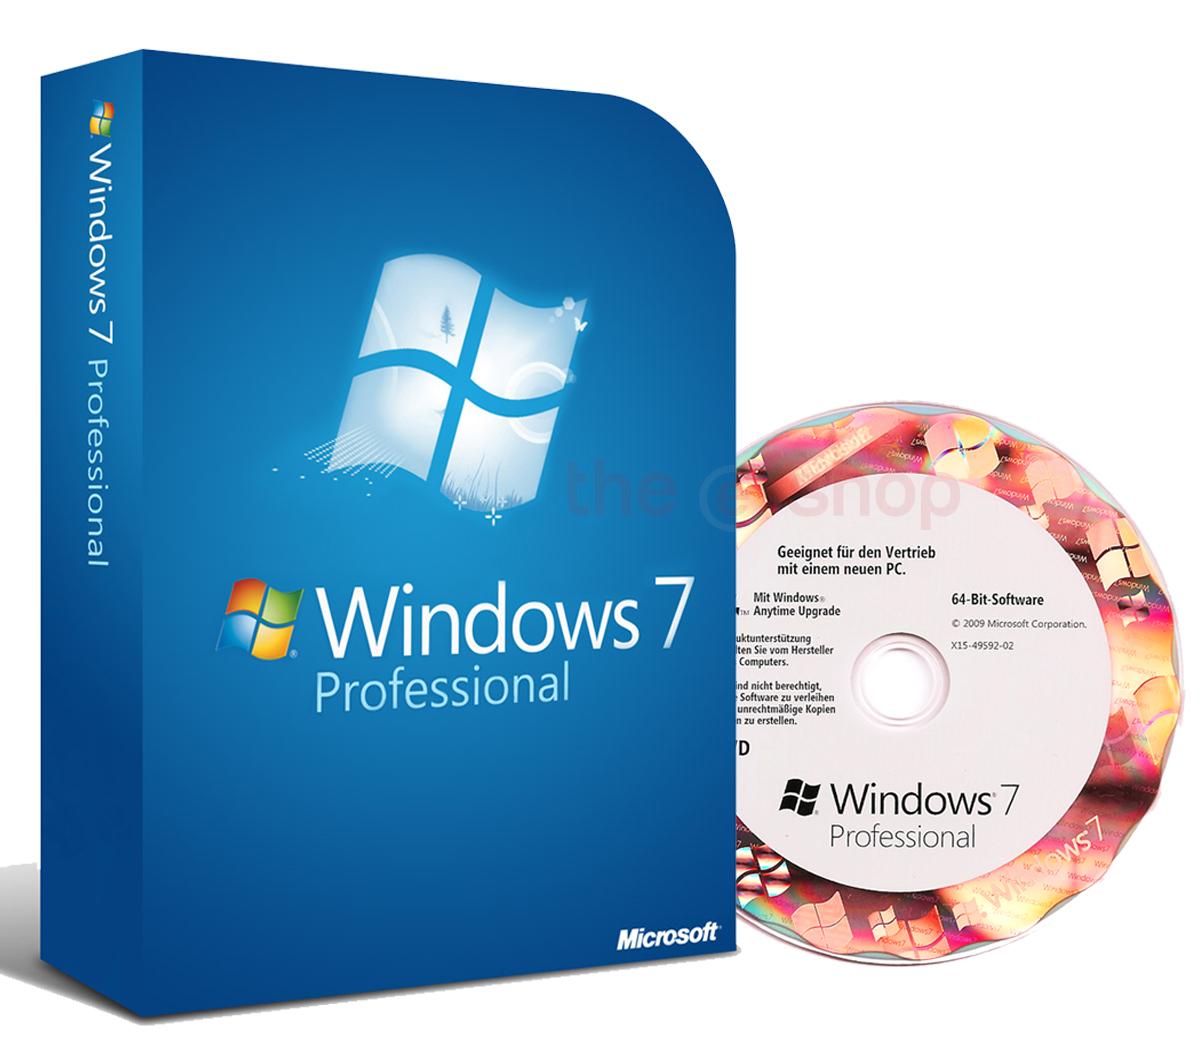 microsoft windows7 professional 64 bit oem dvd sp1 dvd oem lizenzschl ssel 885370720693 ebay. Black Bedroom Furniture Sets. Home Design Ideas